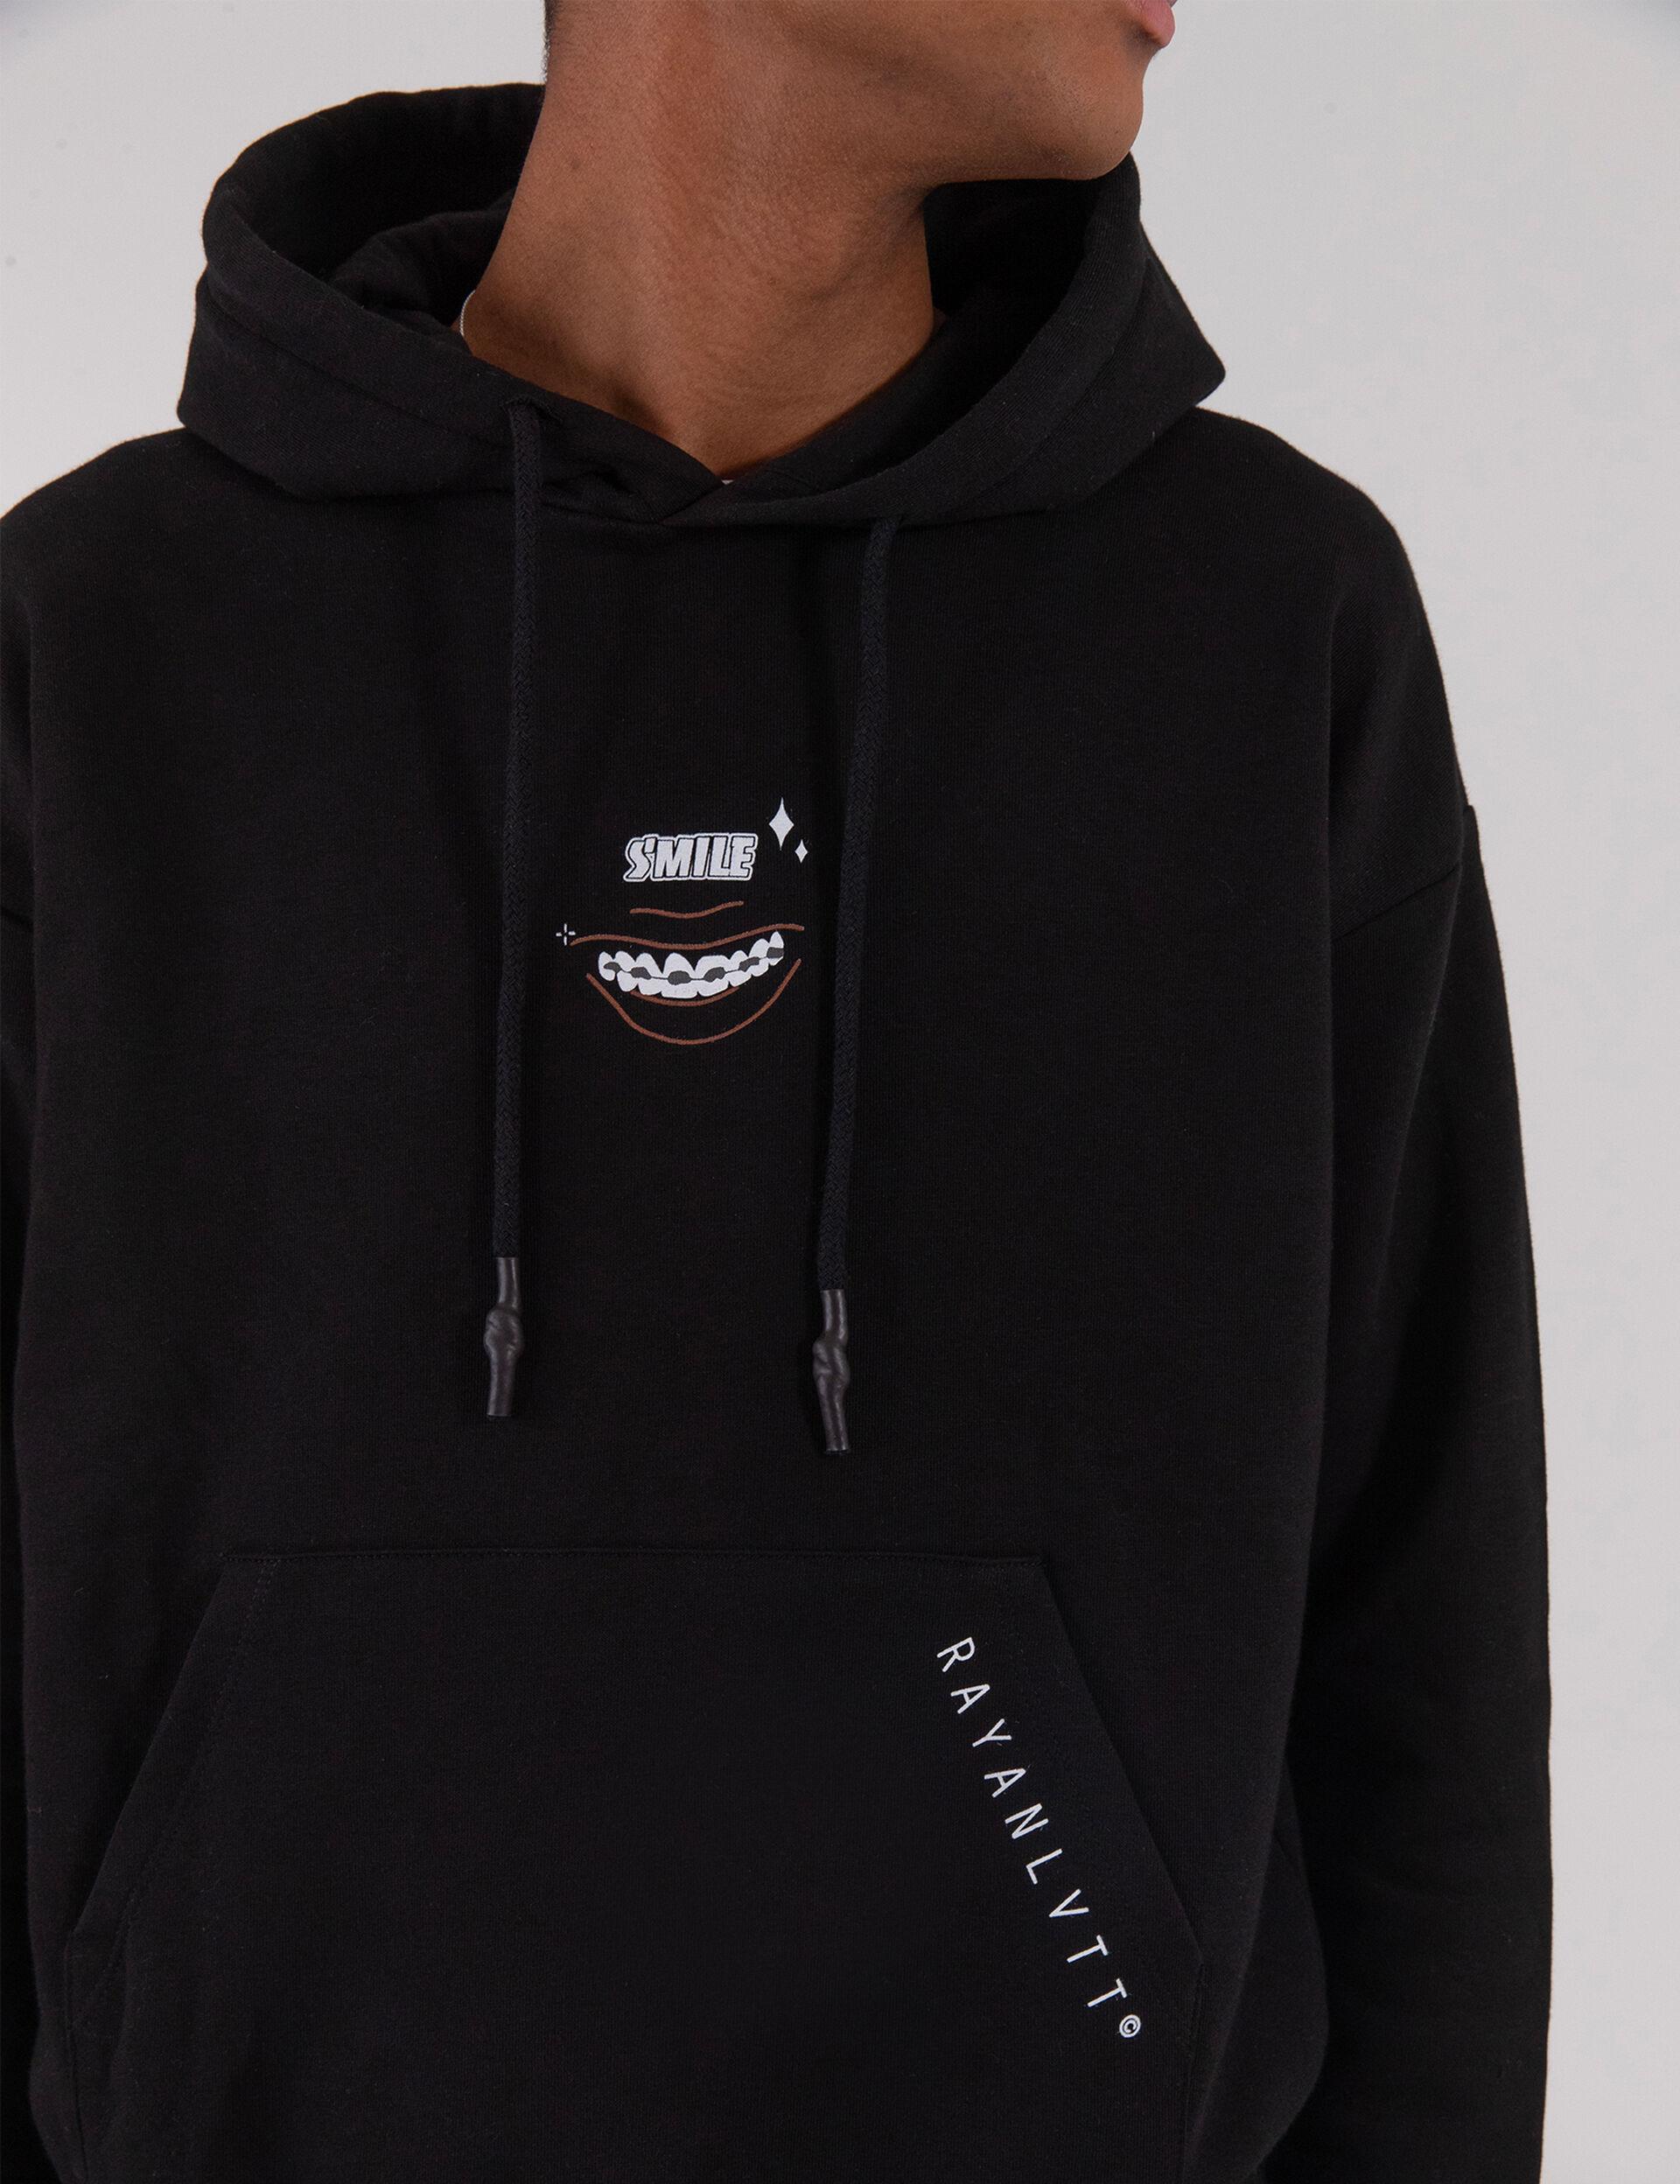 SMILE hoodie